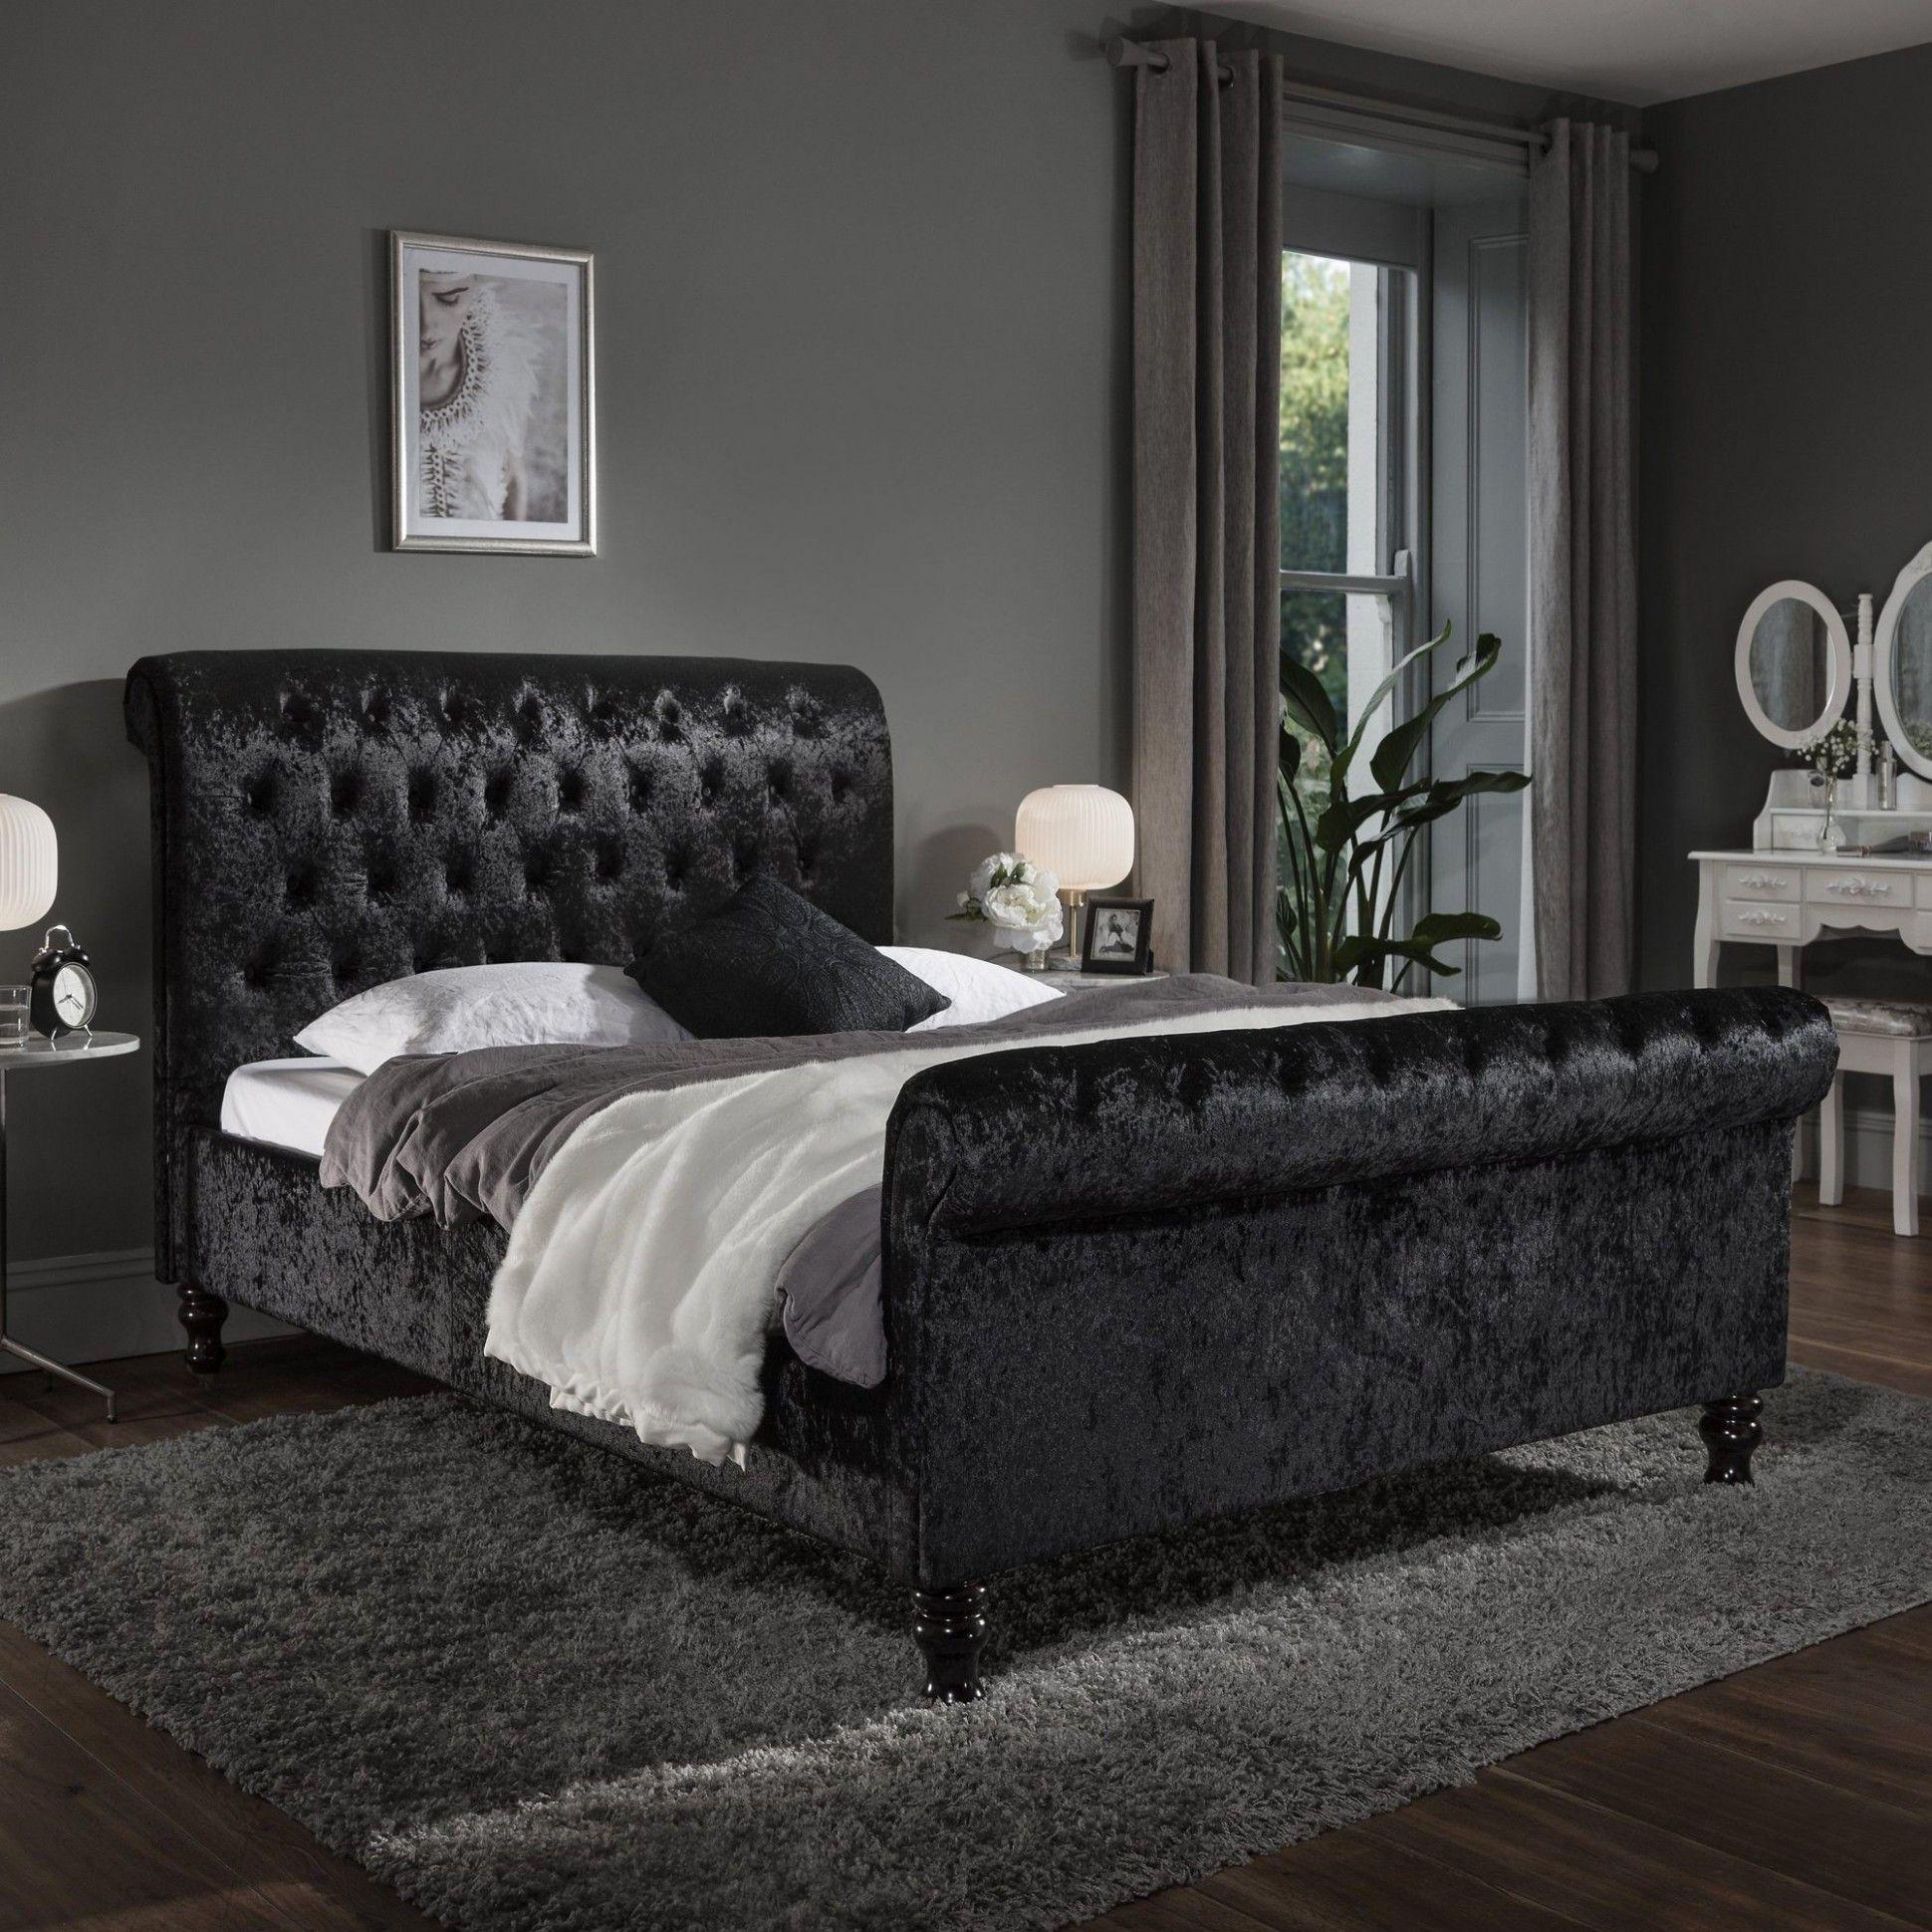 Crushed Velvet Bedroom Sofa in 7  Crushed velvet sleigh bed